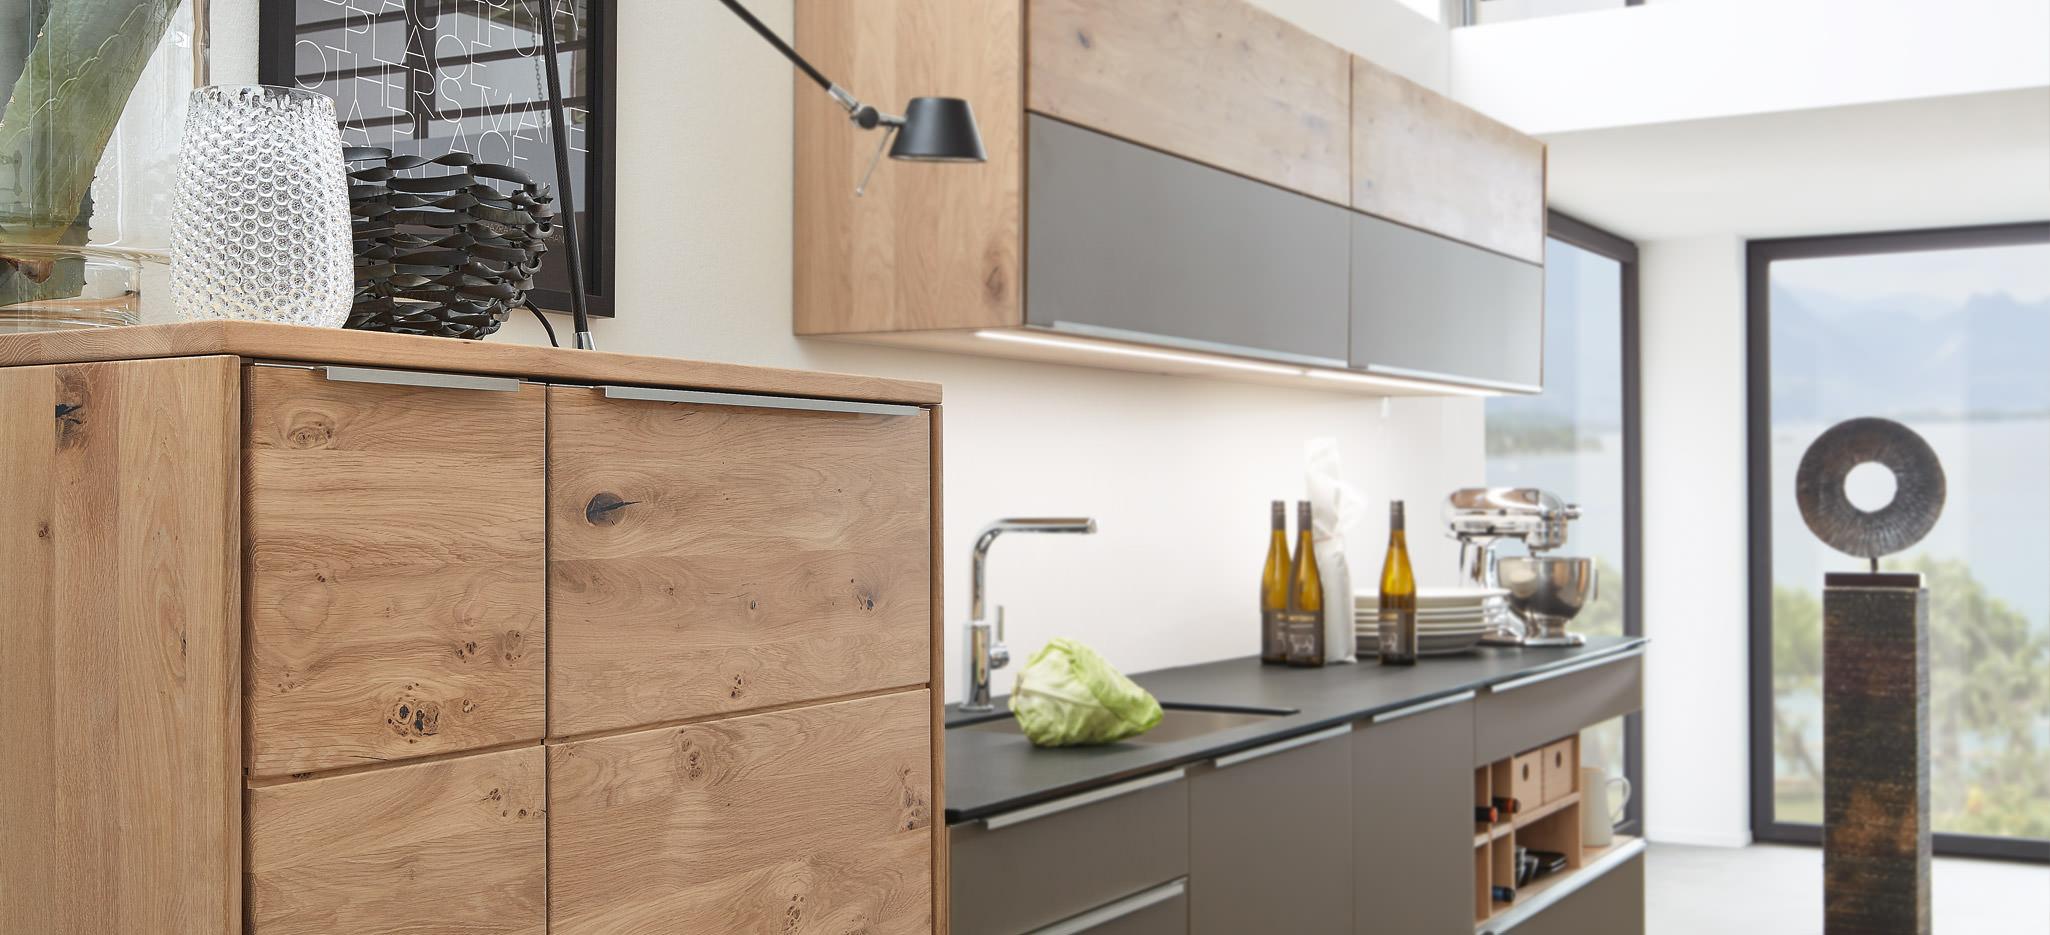 Full Size of Massivholzkchen Abverkauf Moderne Massivholzkche Was Kostet Eine Küchen Regal Bad Inselküche Wohnzimmer Walden Küchen Abverkauf